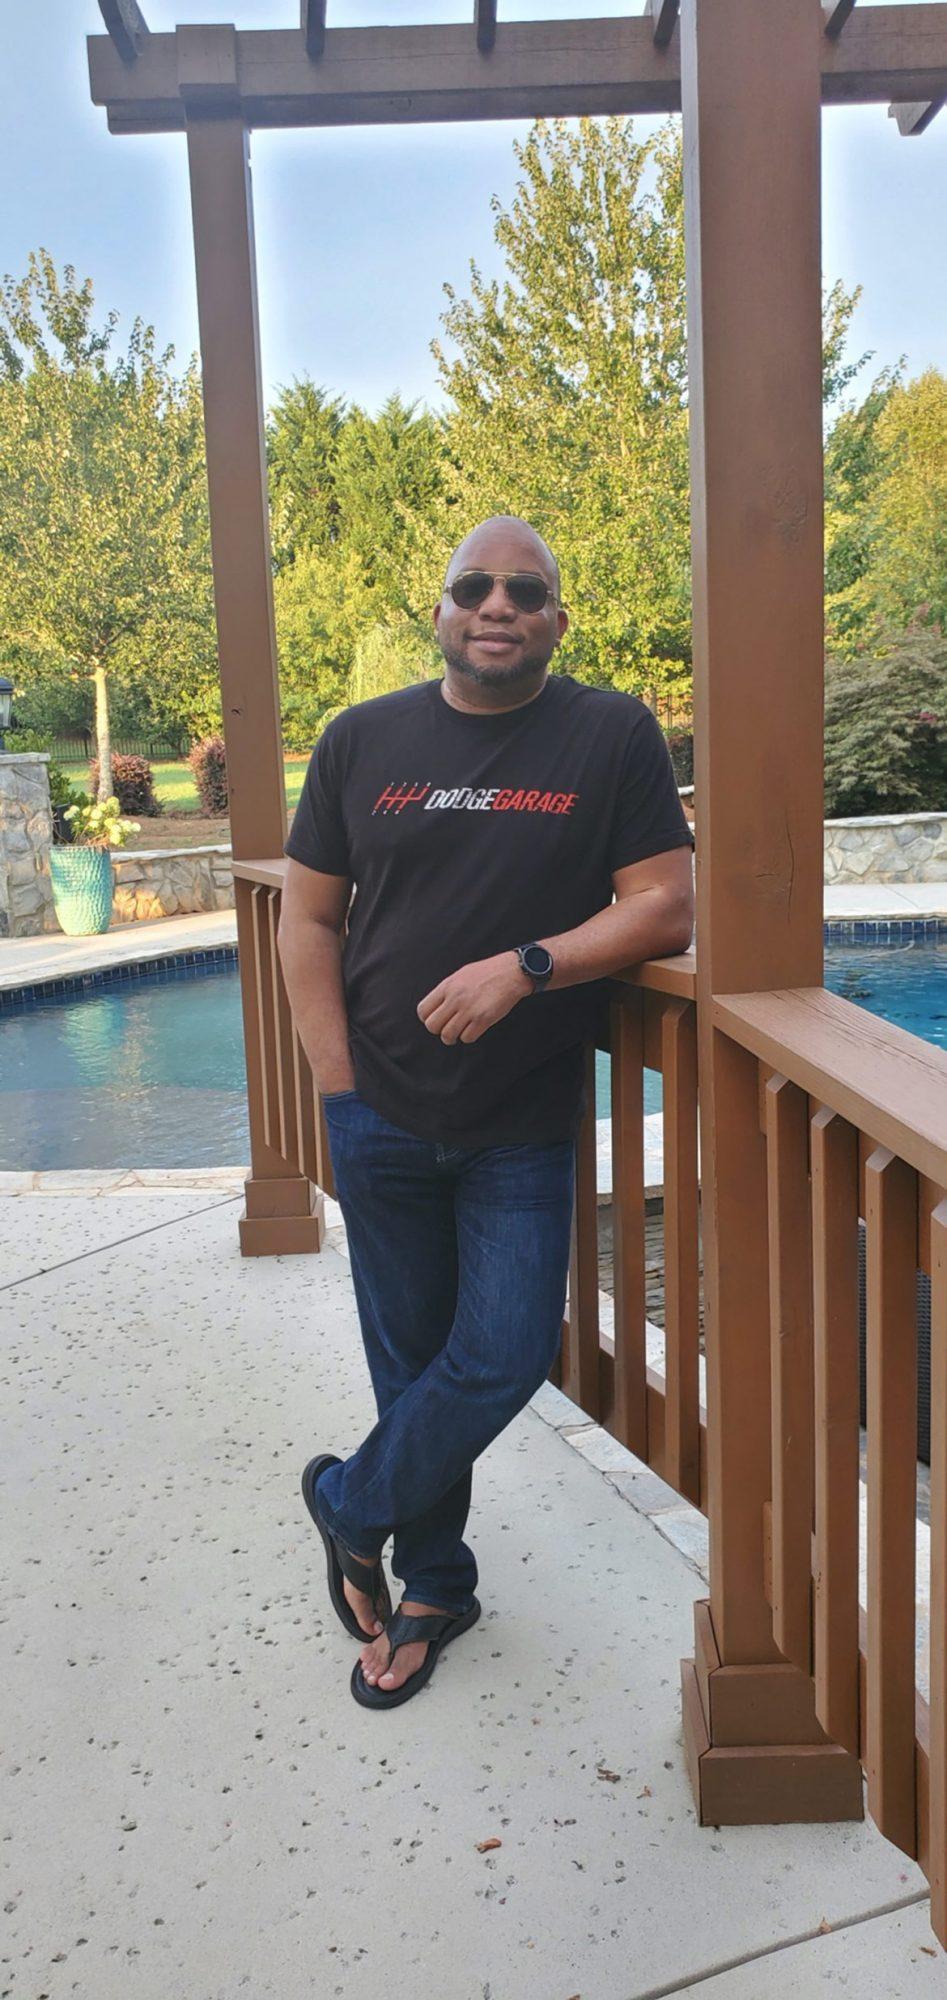 man wearing a DodgeGarage t-shirt